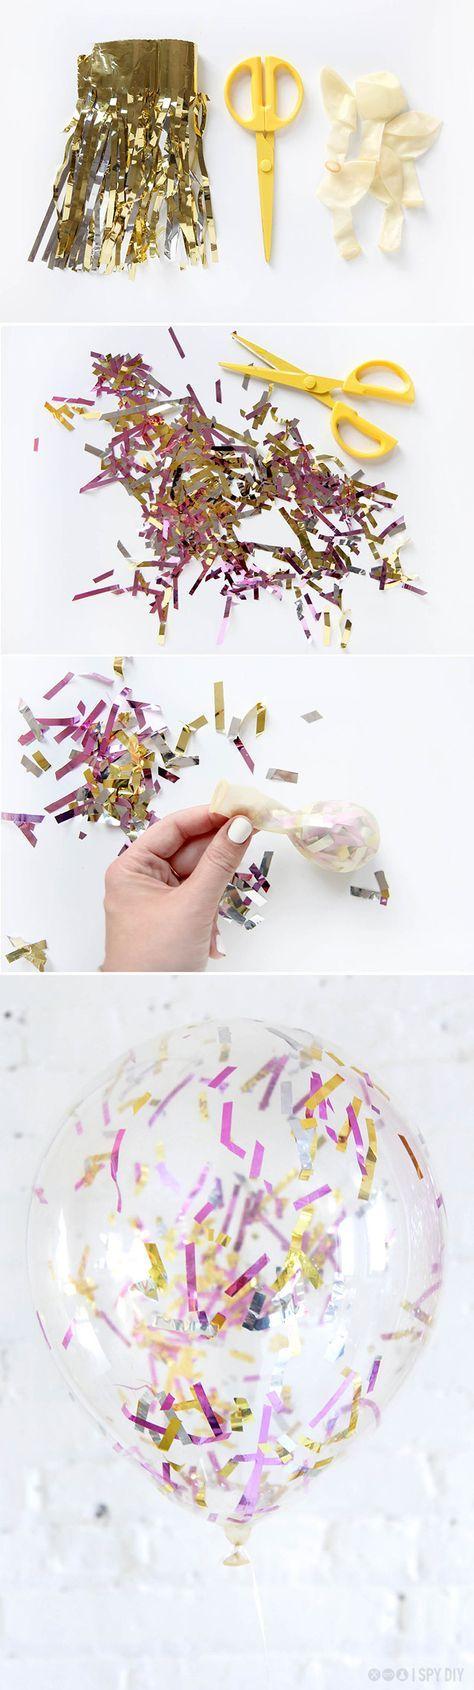 Creative birthday balloon idea.